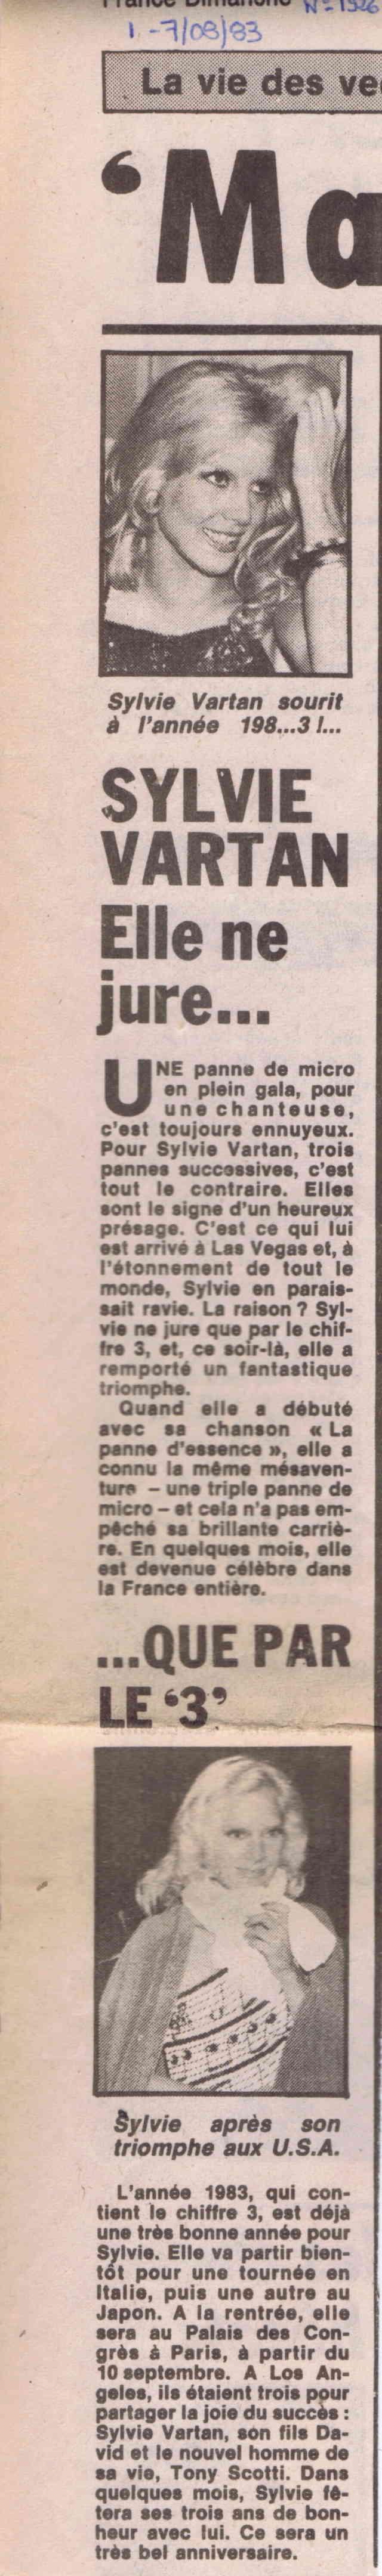 """Discographie N° 39 (COMPLEMENT) """"LA PREMIERE FOIS QU'ON S'AIMERA"""" - Page 2 France58"""